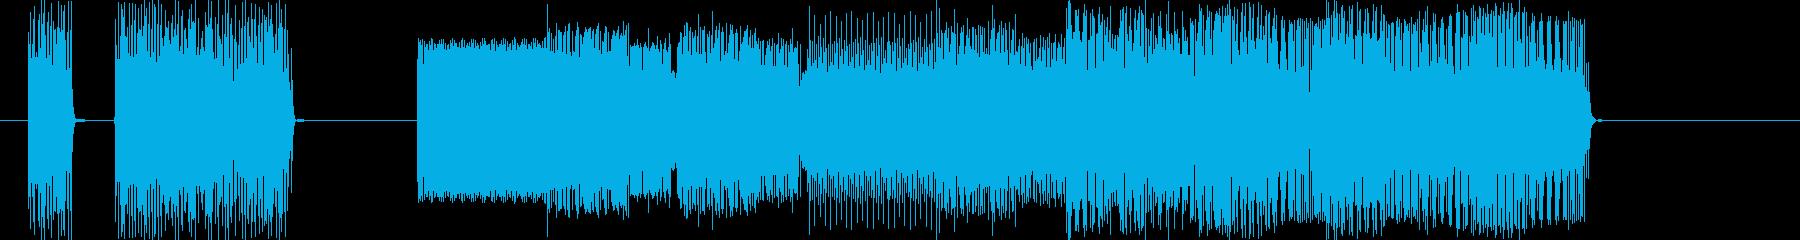 ファミコン系ピコピコ曲ゲームオーバーにの再生済みの波形